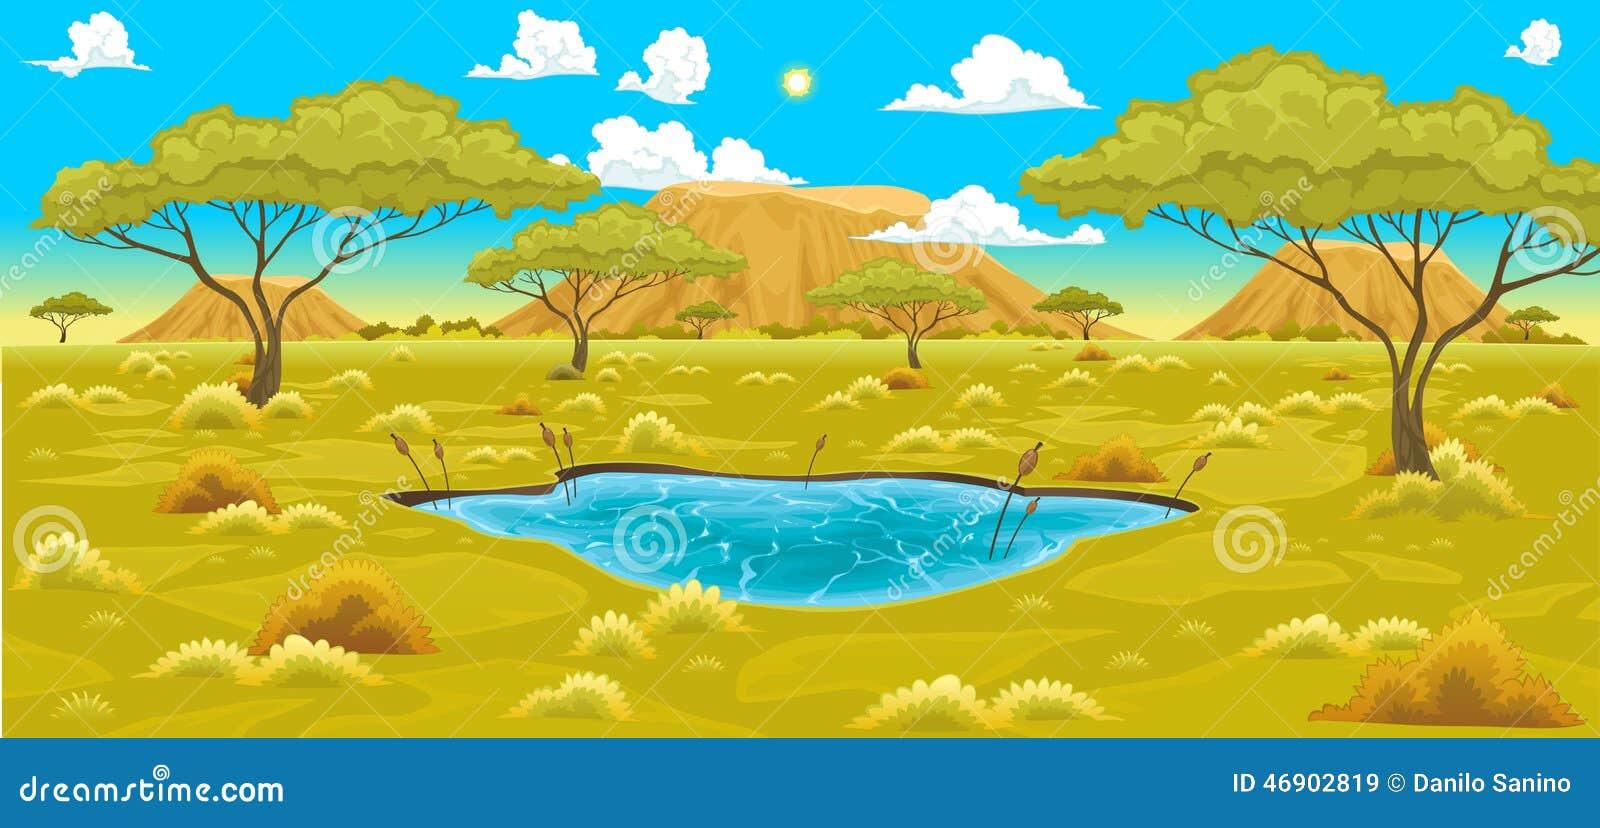 Landscape Illustration Vector Free: African Landscape Stock Vector